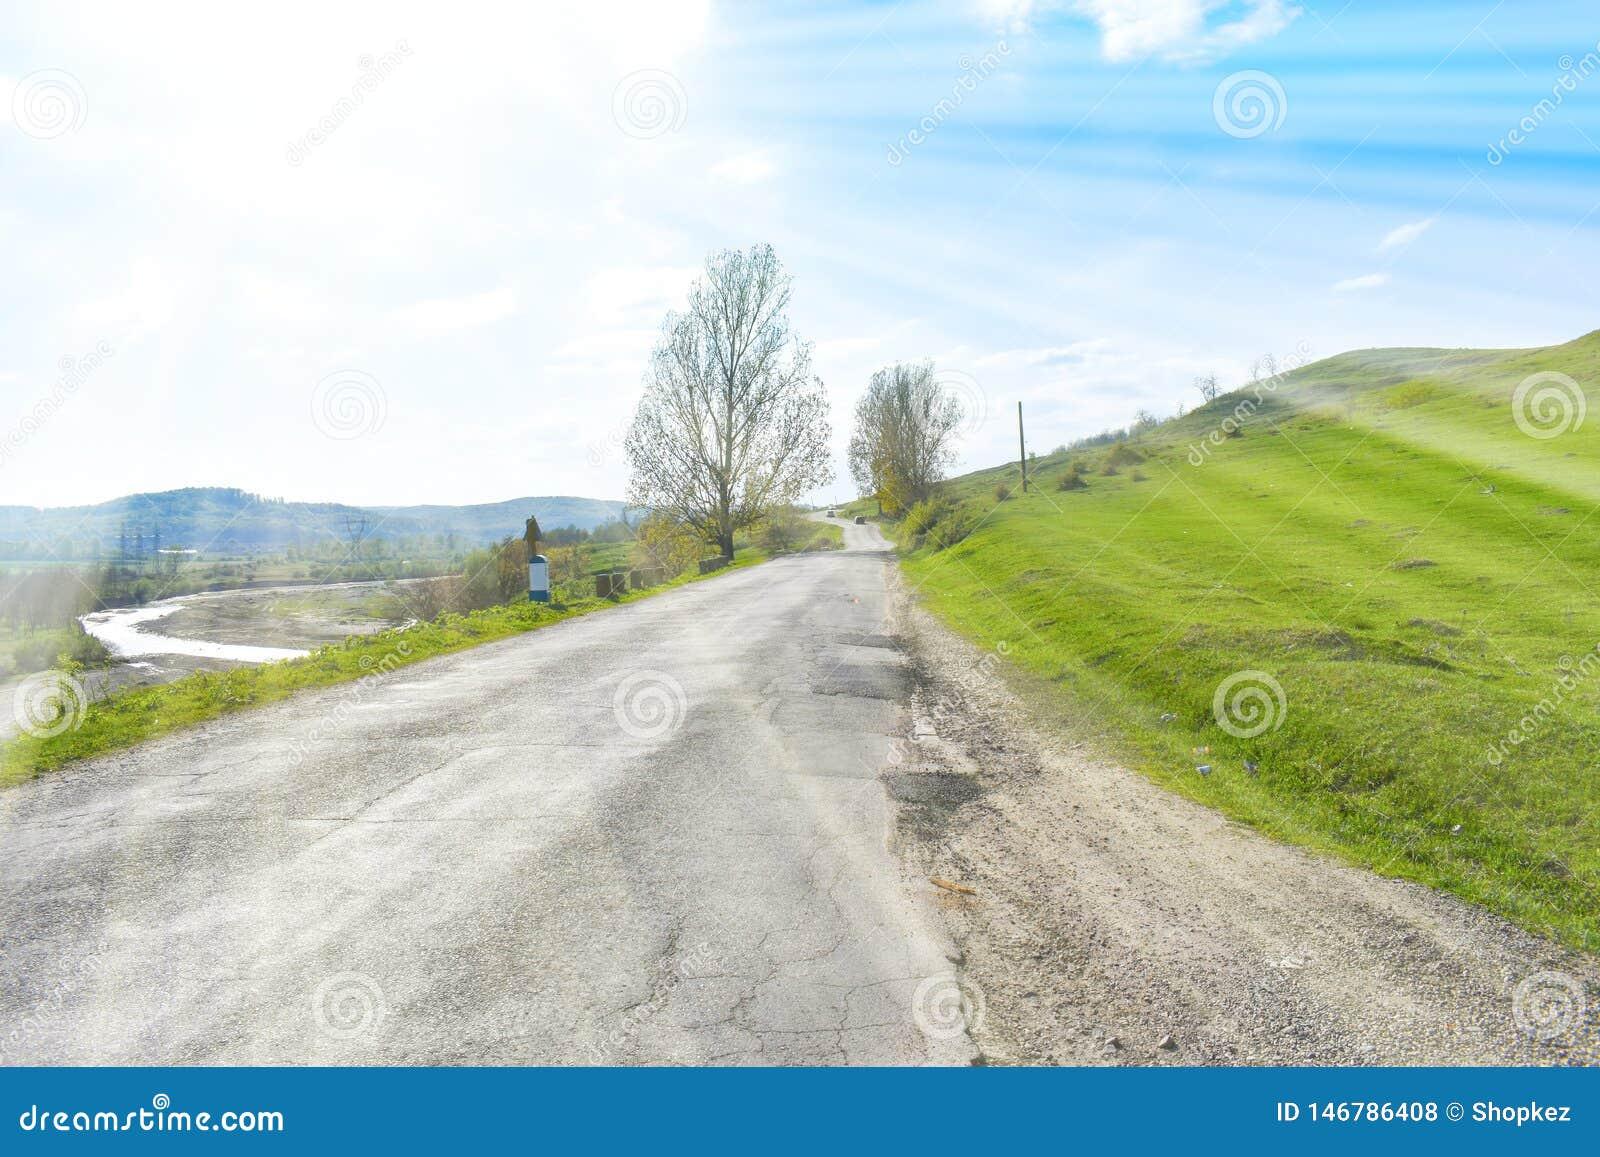 Mooie geasfalteerde weg op de grote groene heuvel in een zonnige de zomerdag